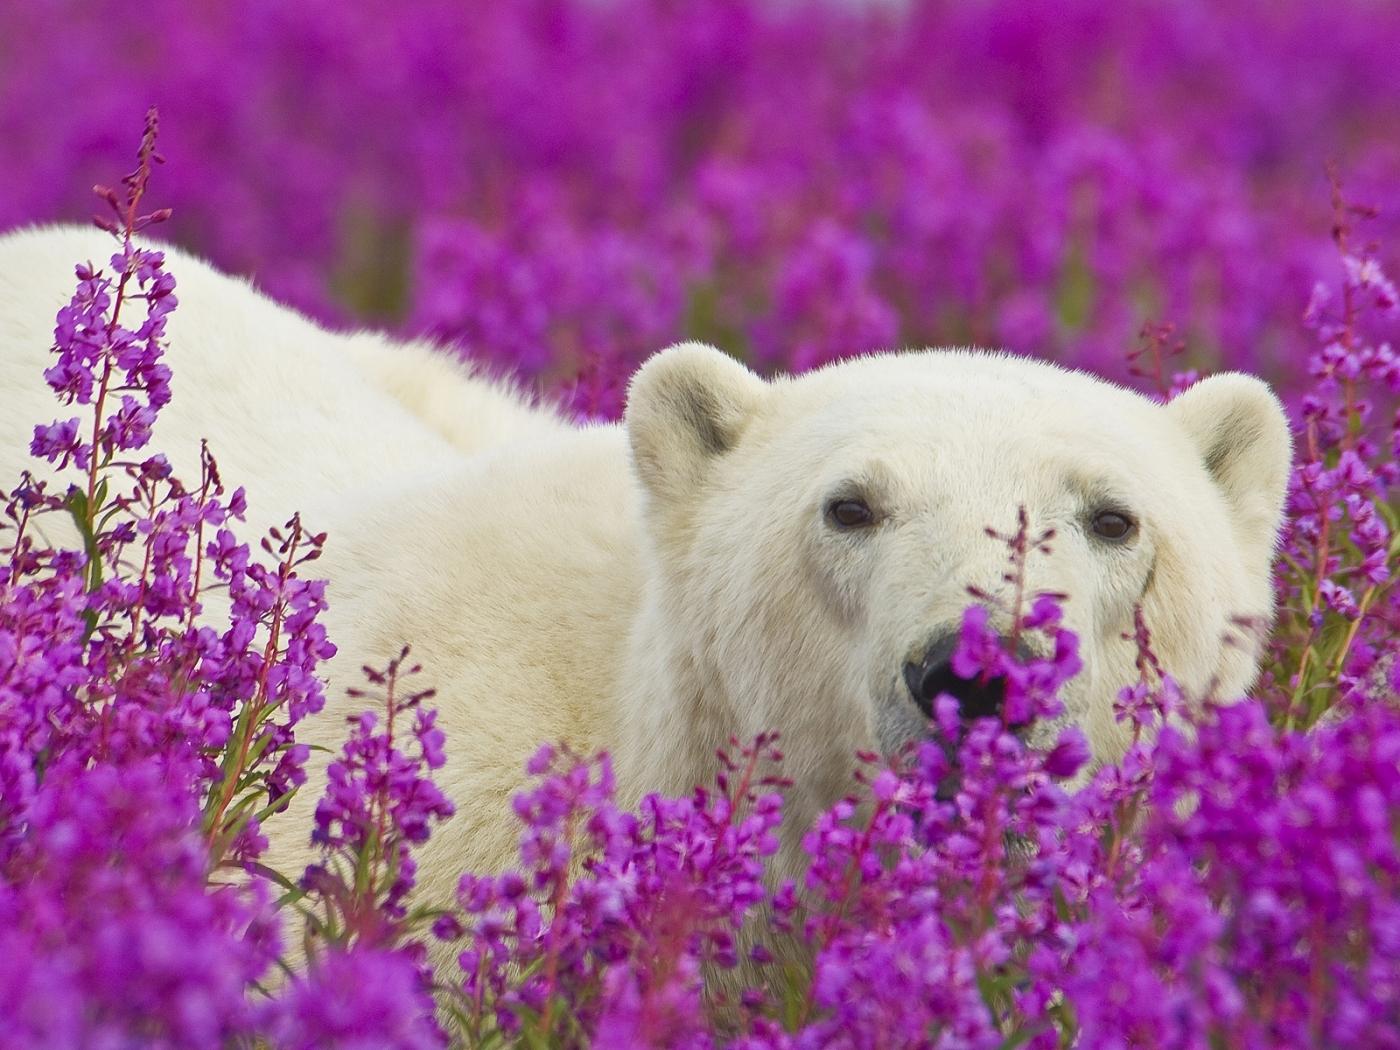 40312 Заставки и Обои Медведи на телефон. Скачать Медведи, Животные картинки бесплатно